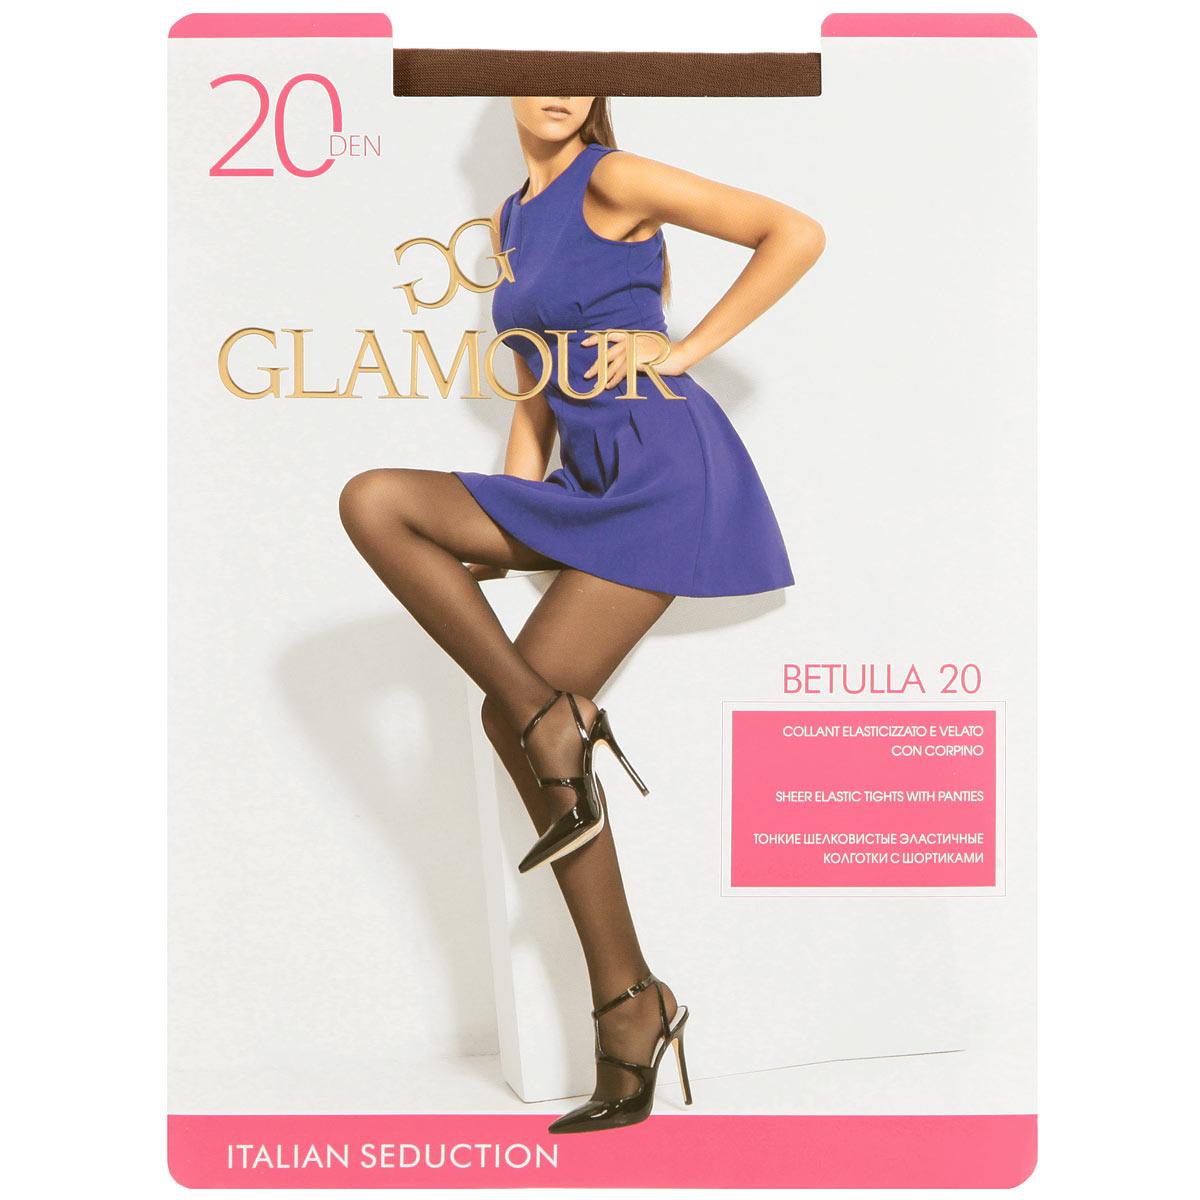 Колготки женские Glamour Betulla 20, цвет: Daino (загар). Размер 4 (L) колготки omsa attiva размер 5xl плотность 20 den daino